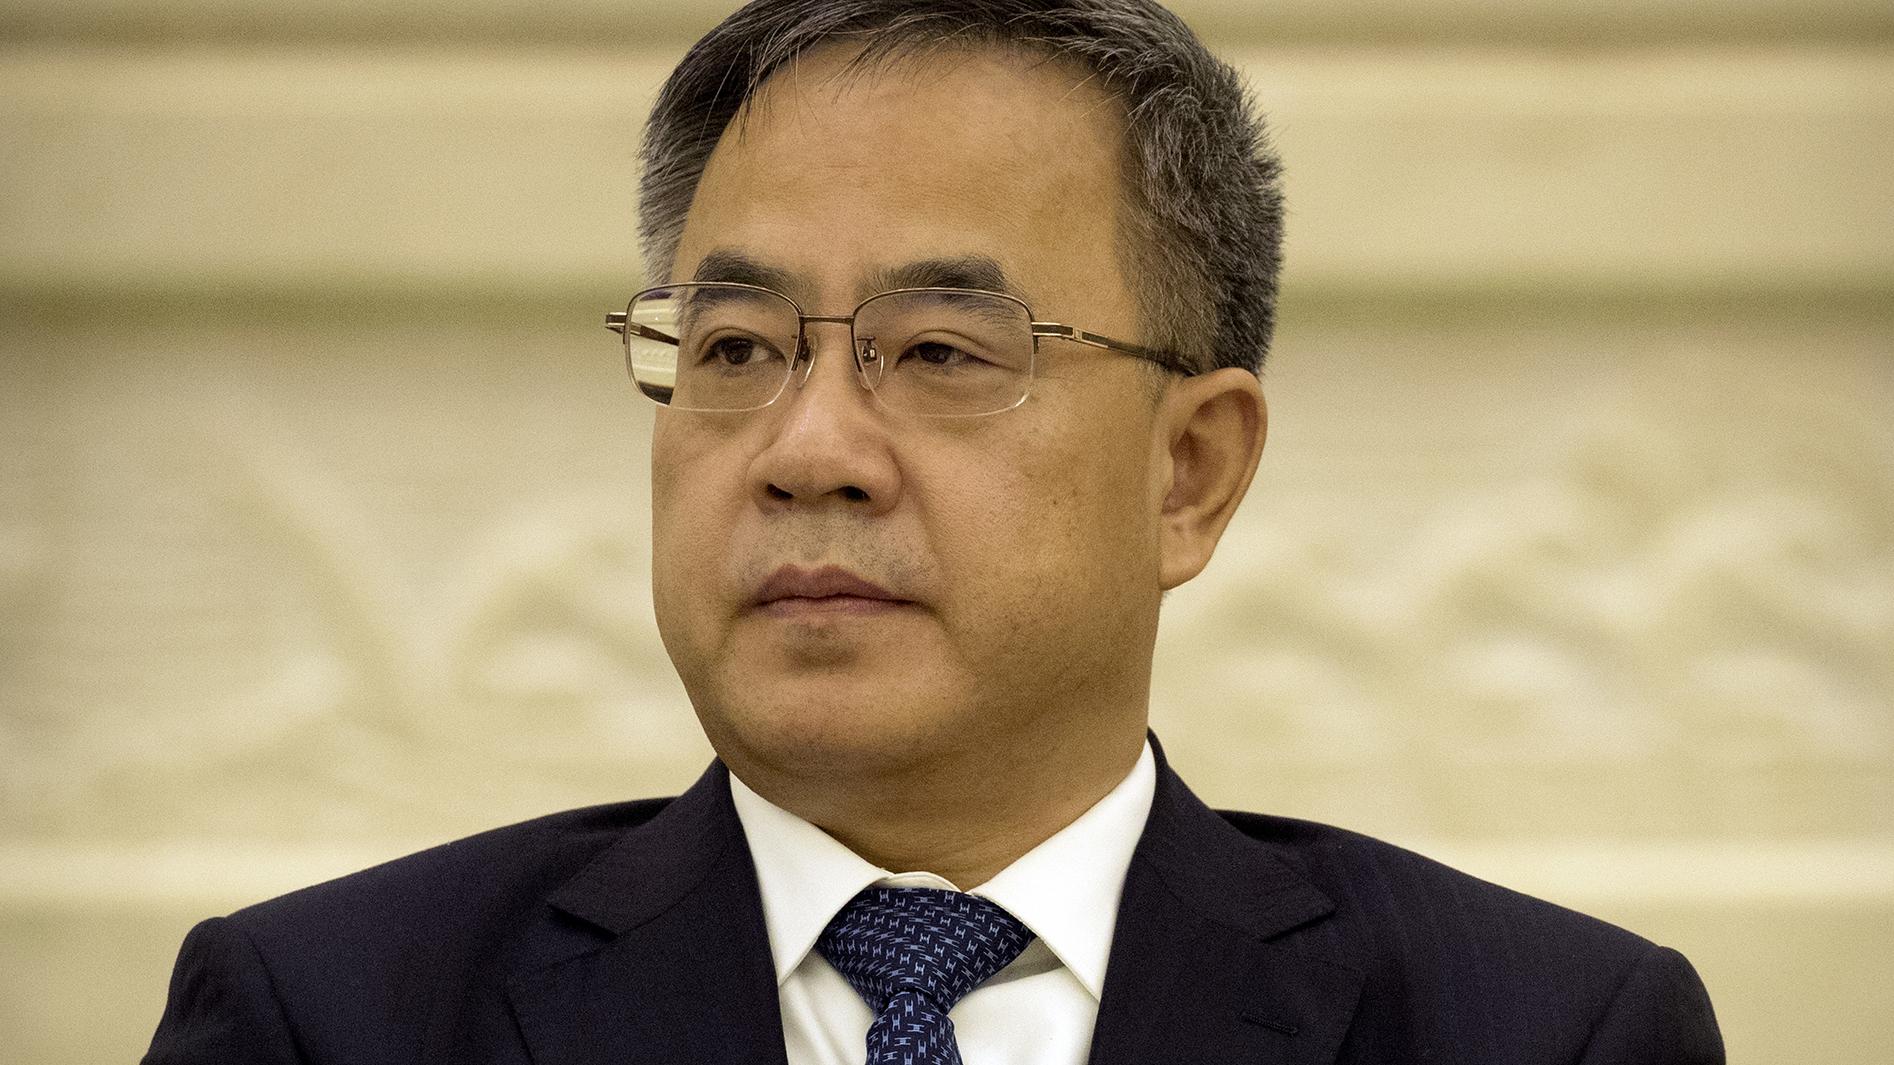 中国国务院副总理胡春华。(美联社)